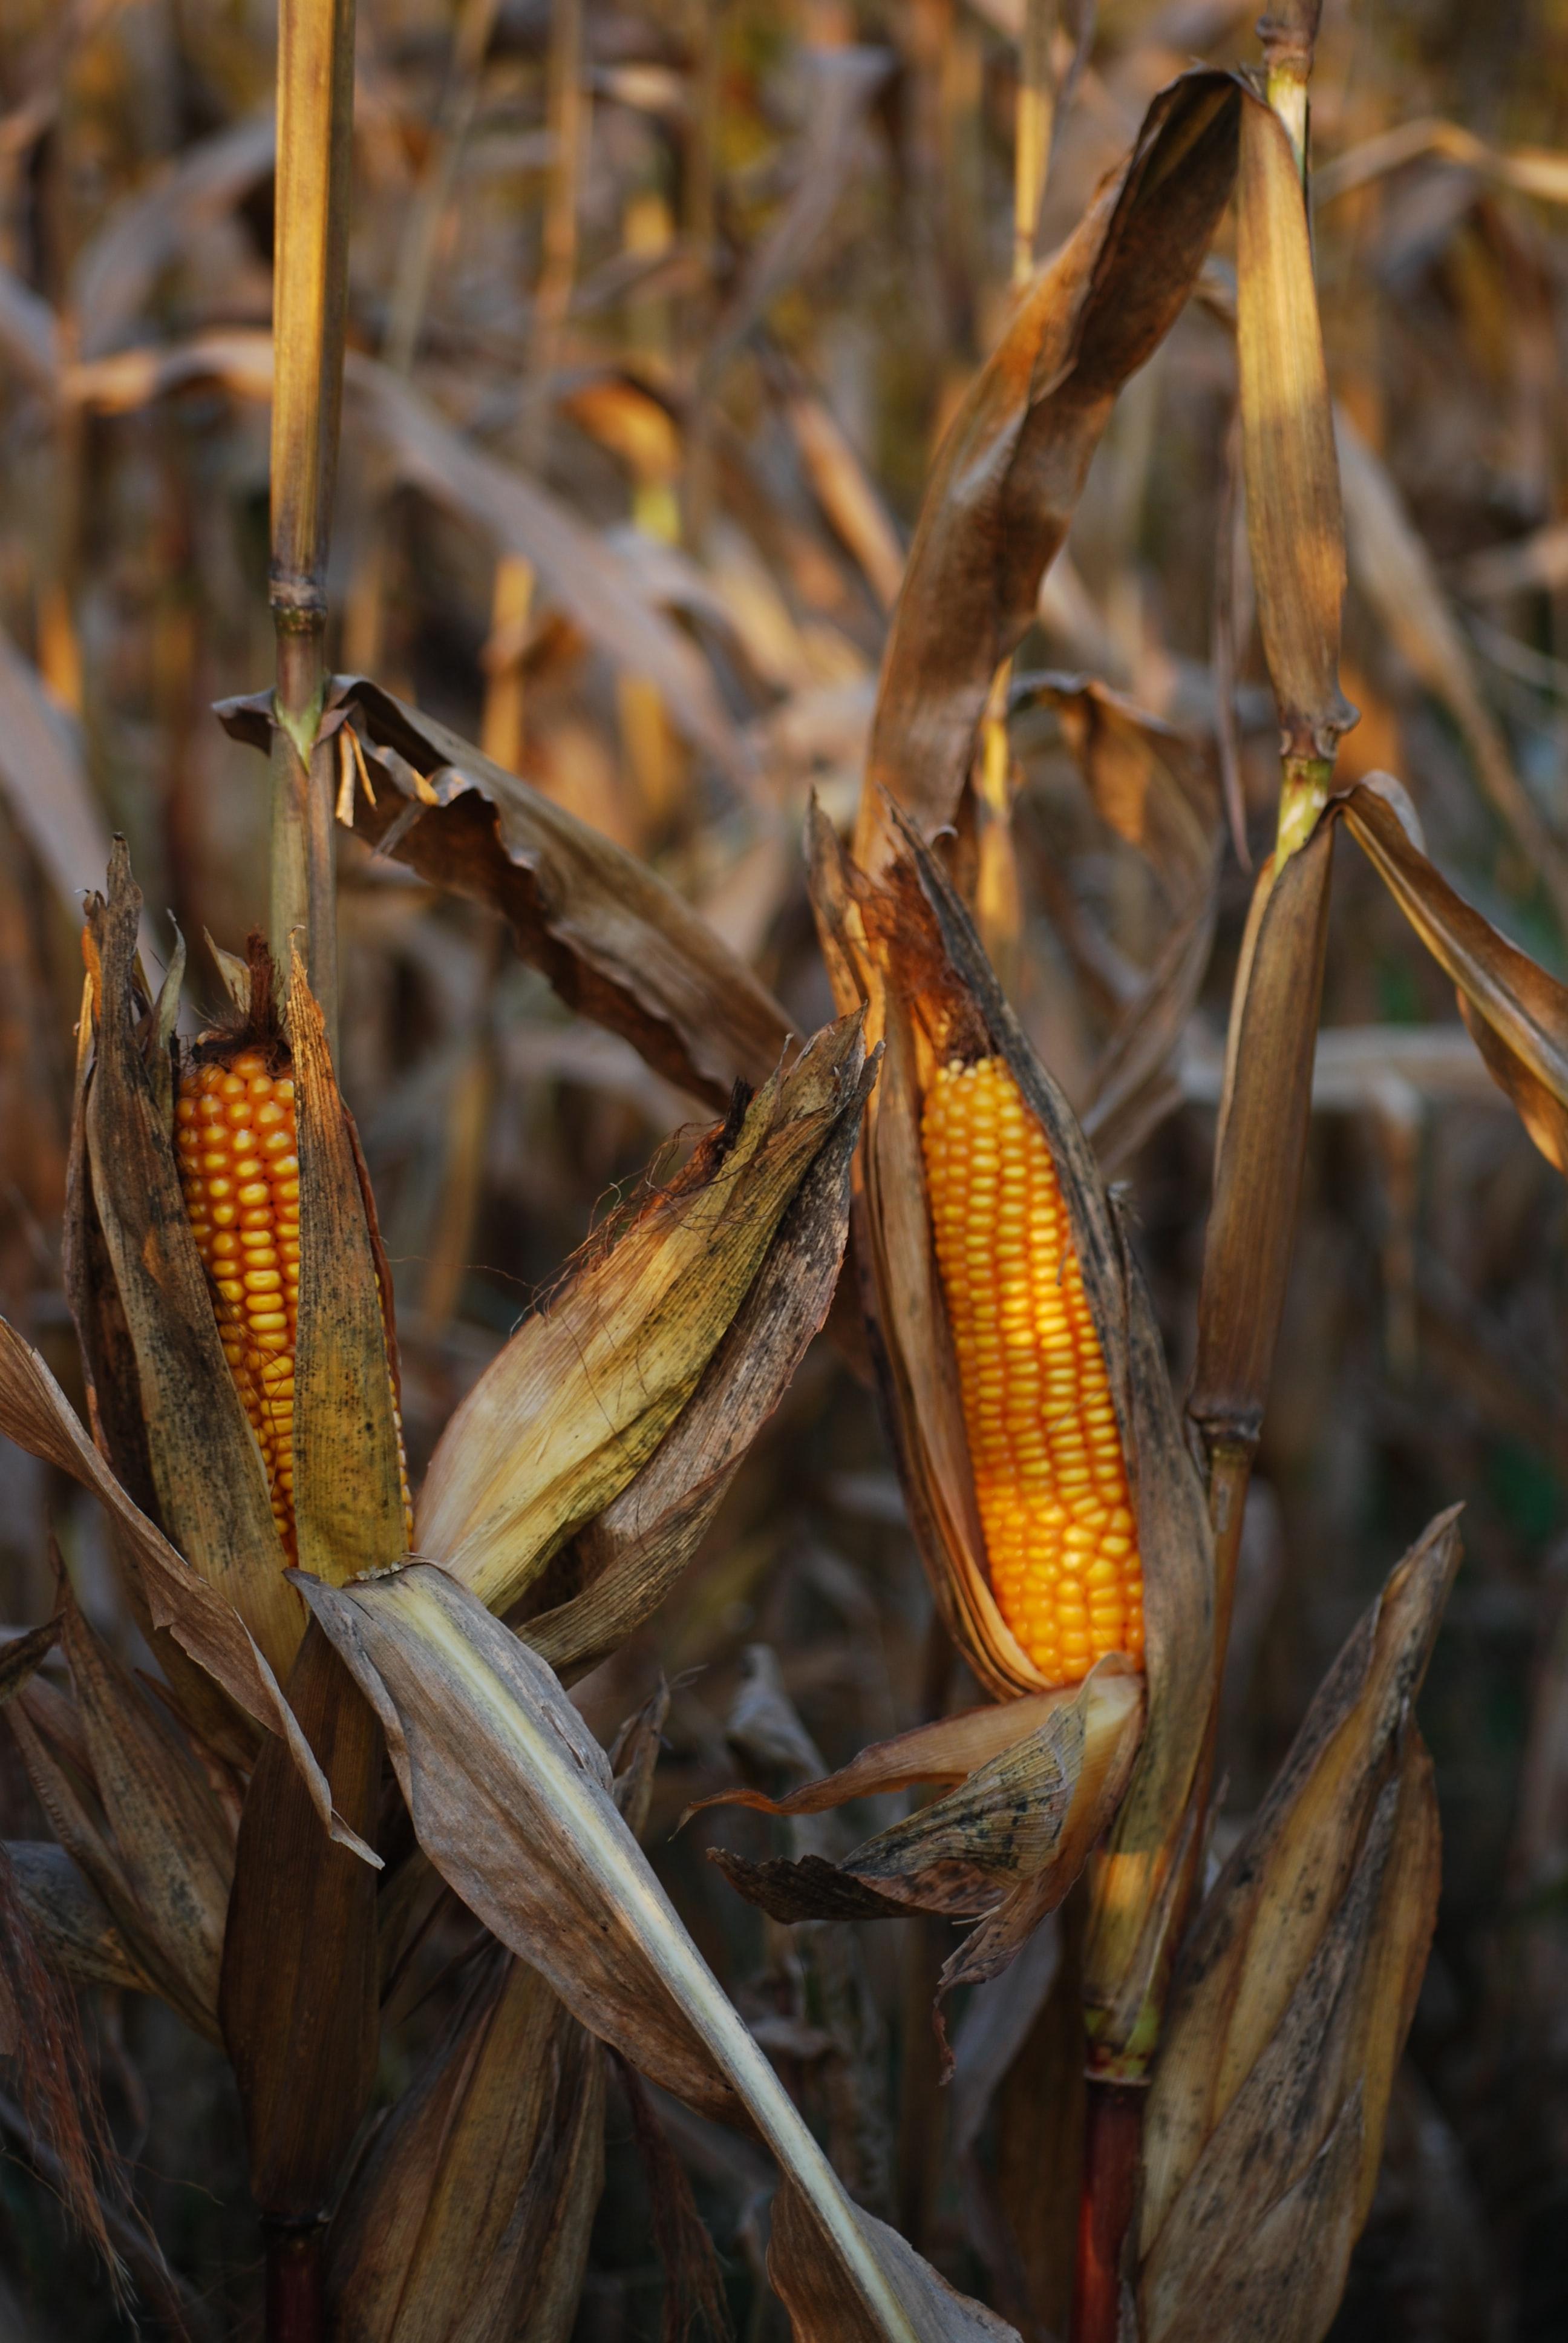 Ears of corn growing in a field